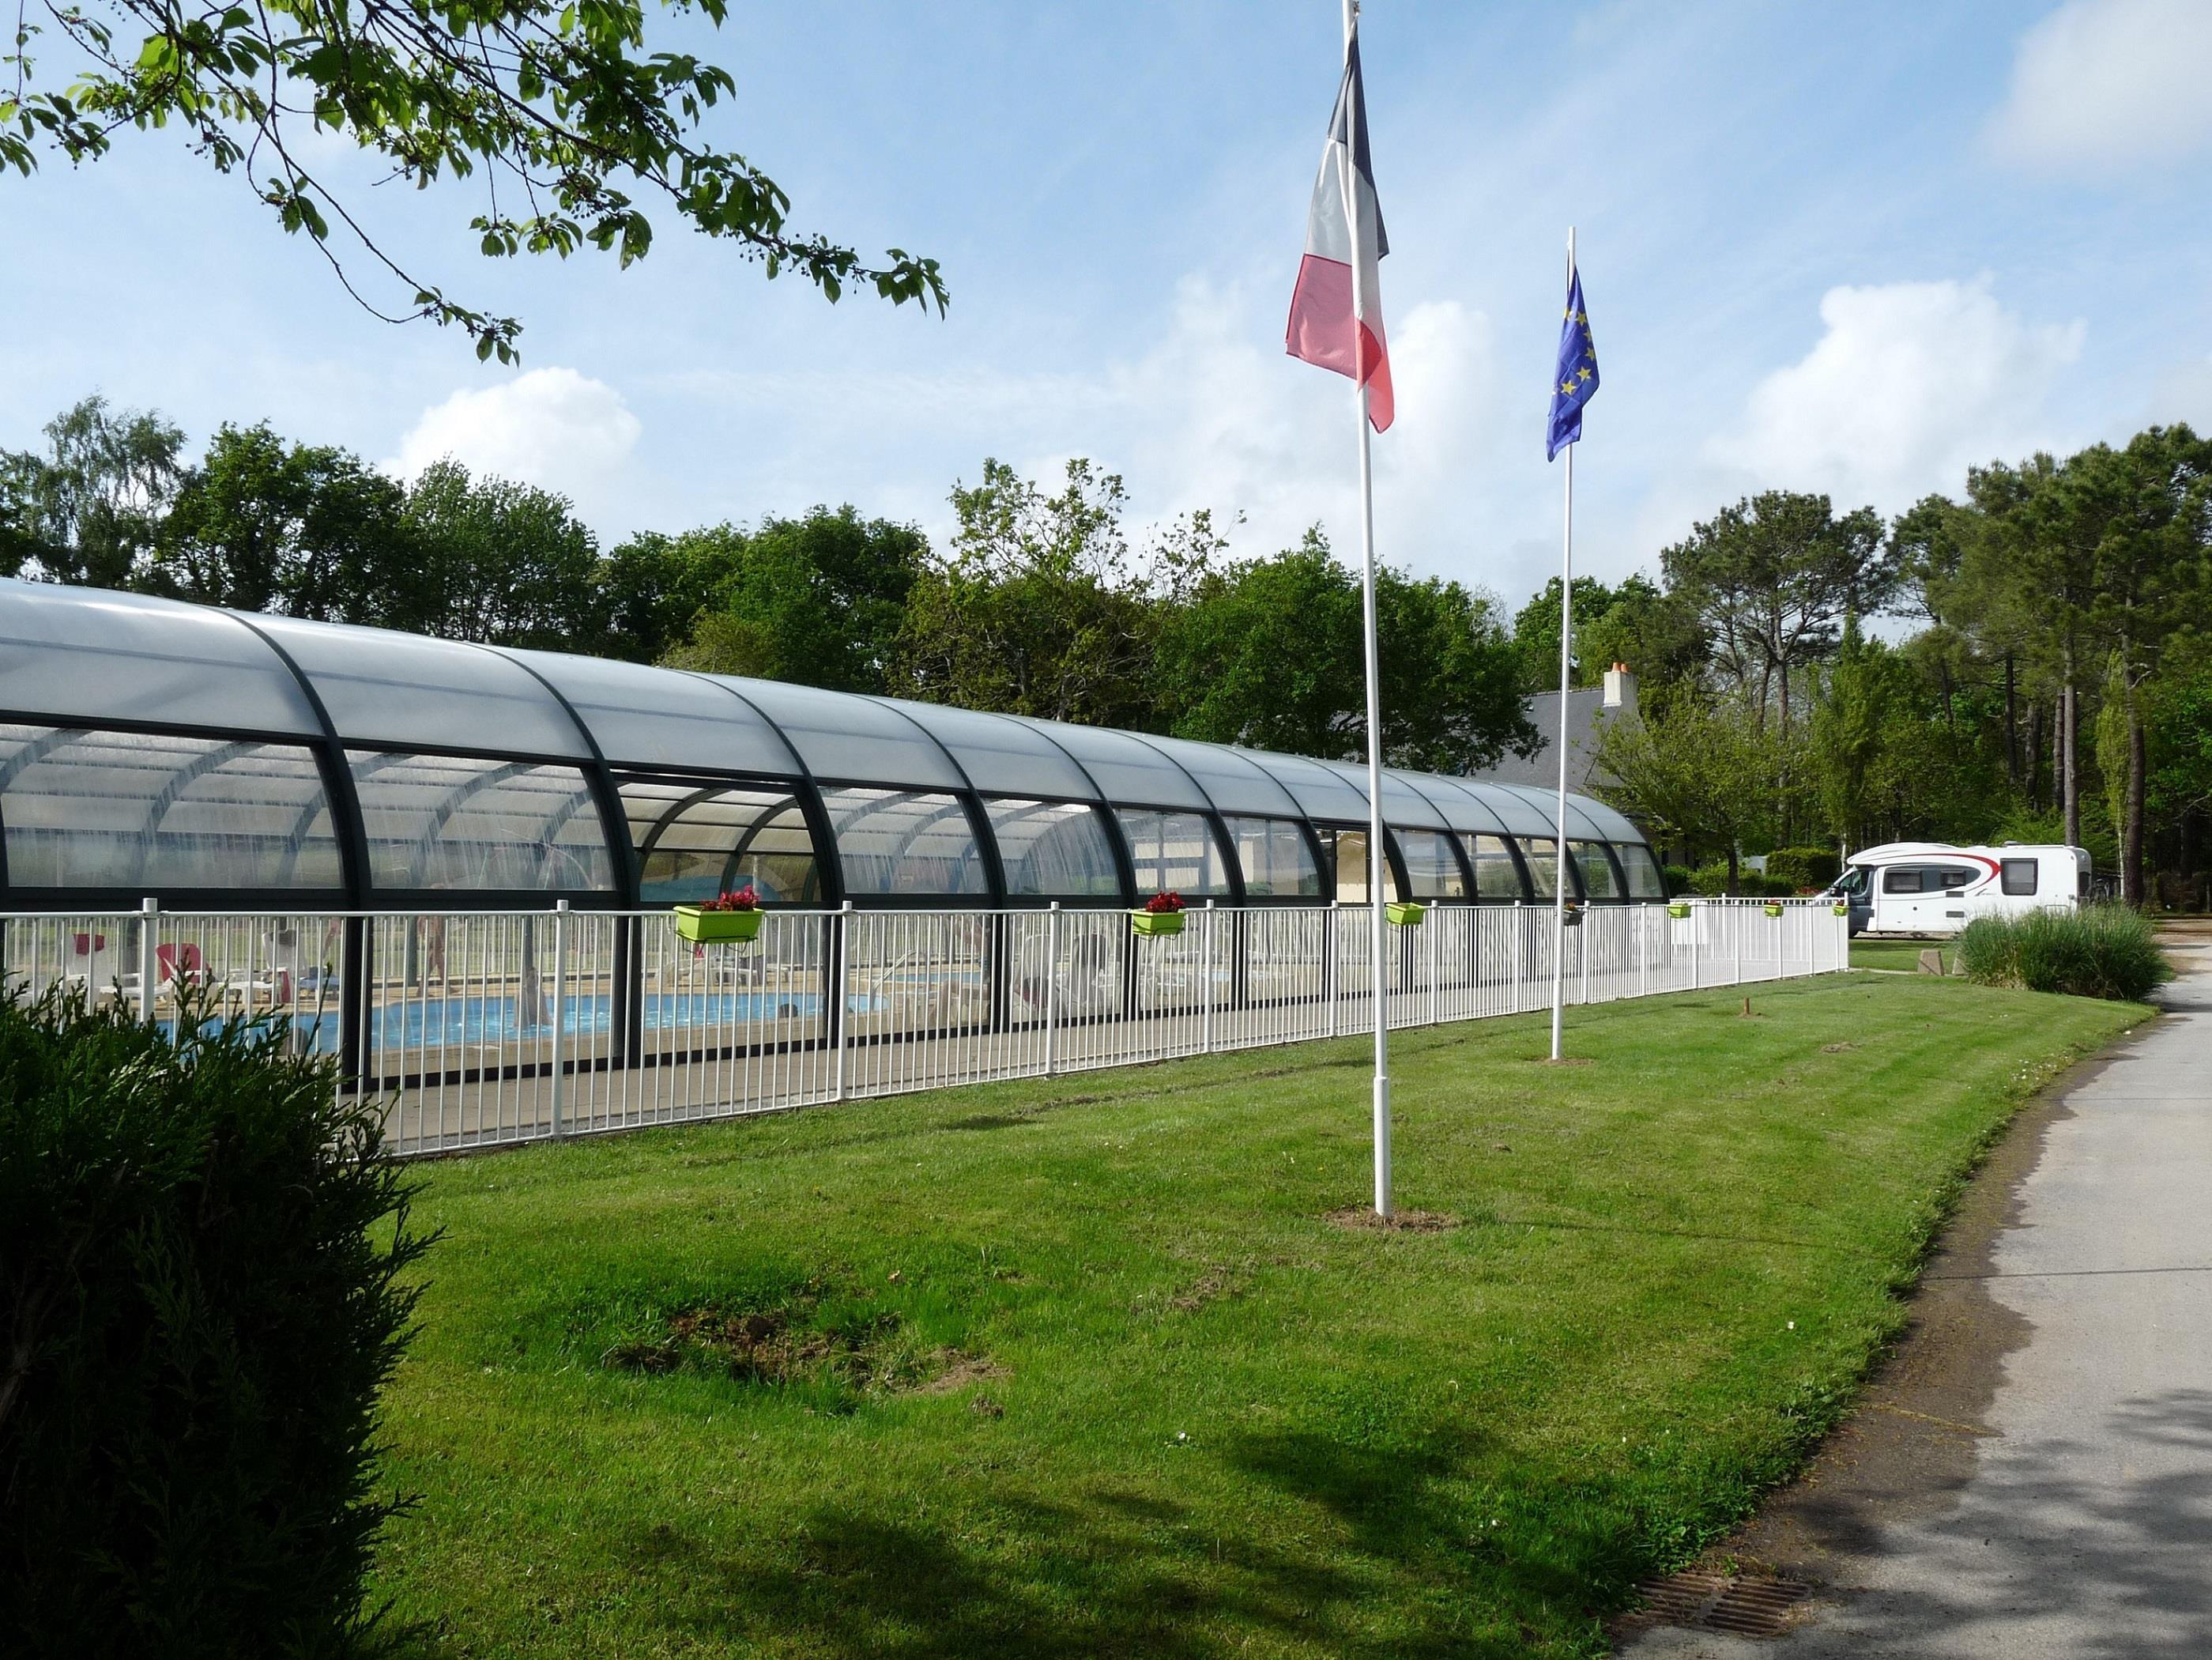 Camping le Saint Laurent, Ploemel, Morbihan